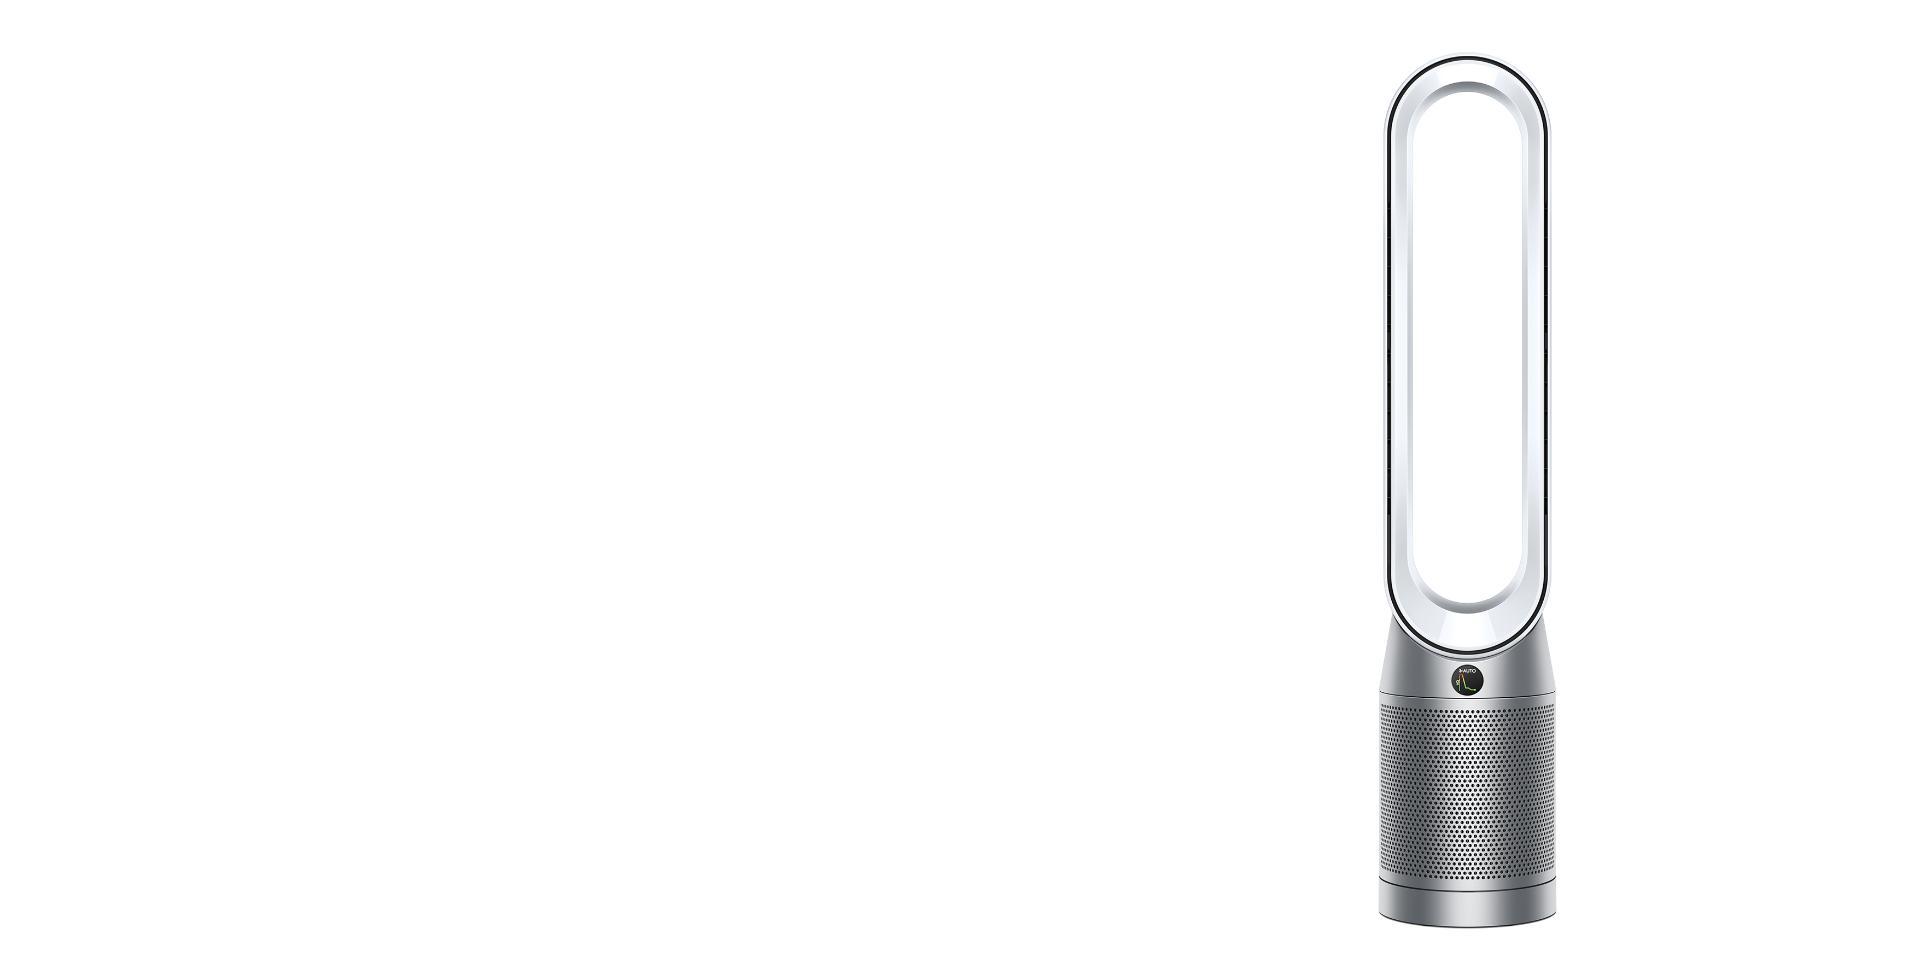 Dyson Purifier Cool tower fan